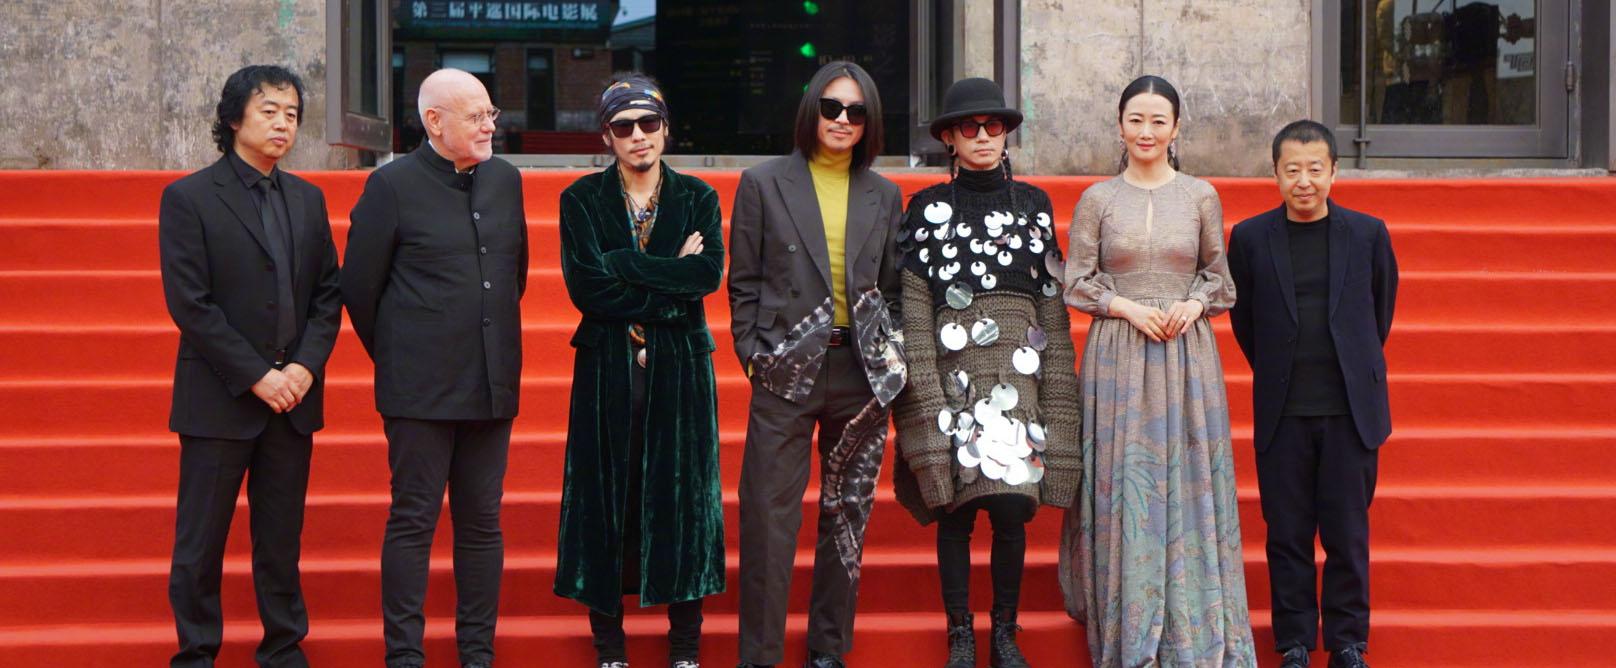 海龟先生近日受邀出席第三届平遥国际电影展